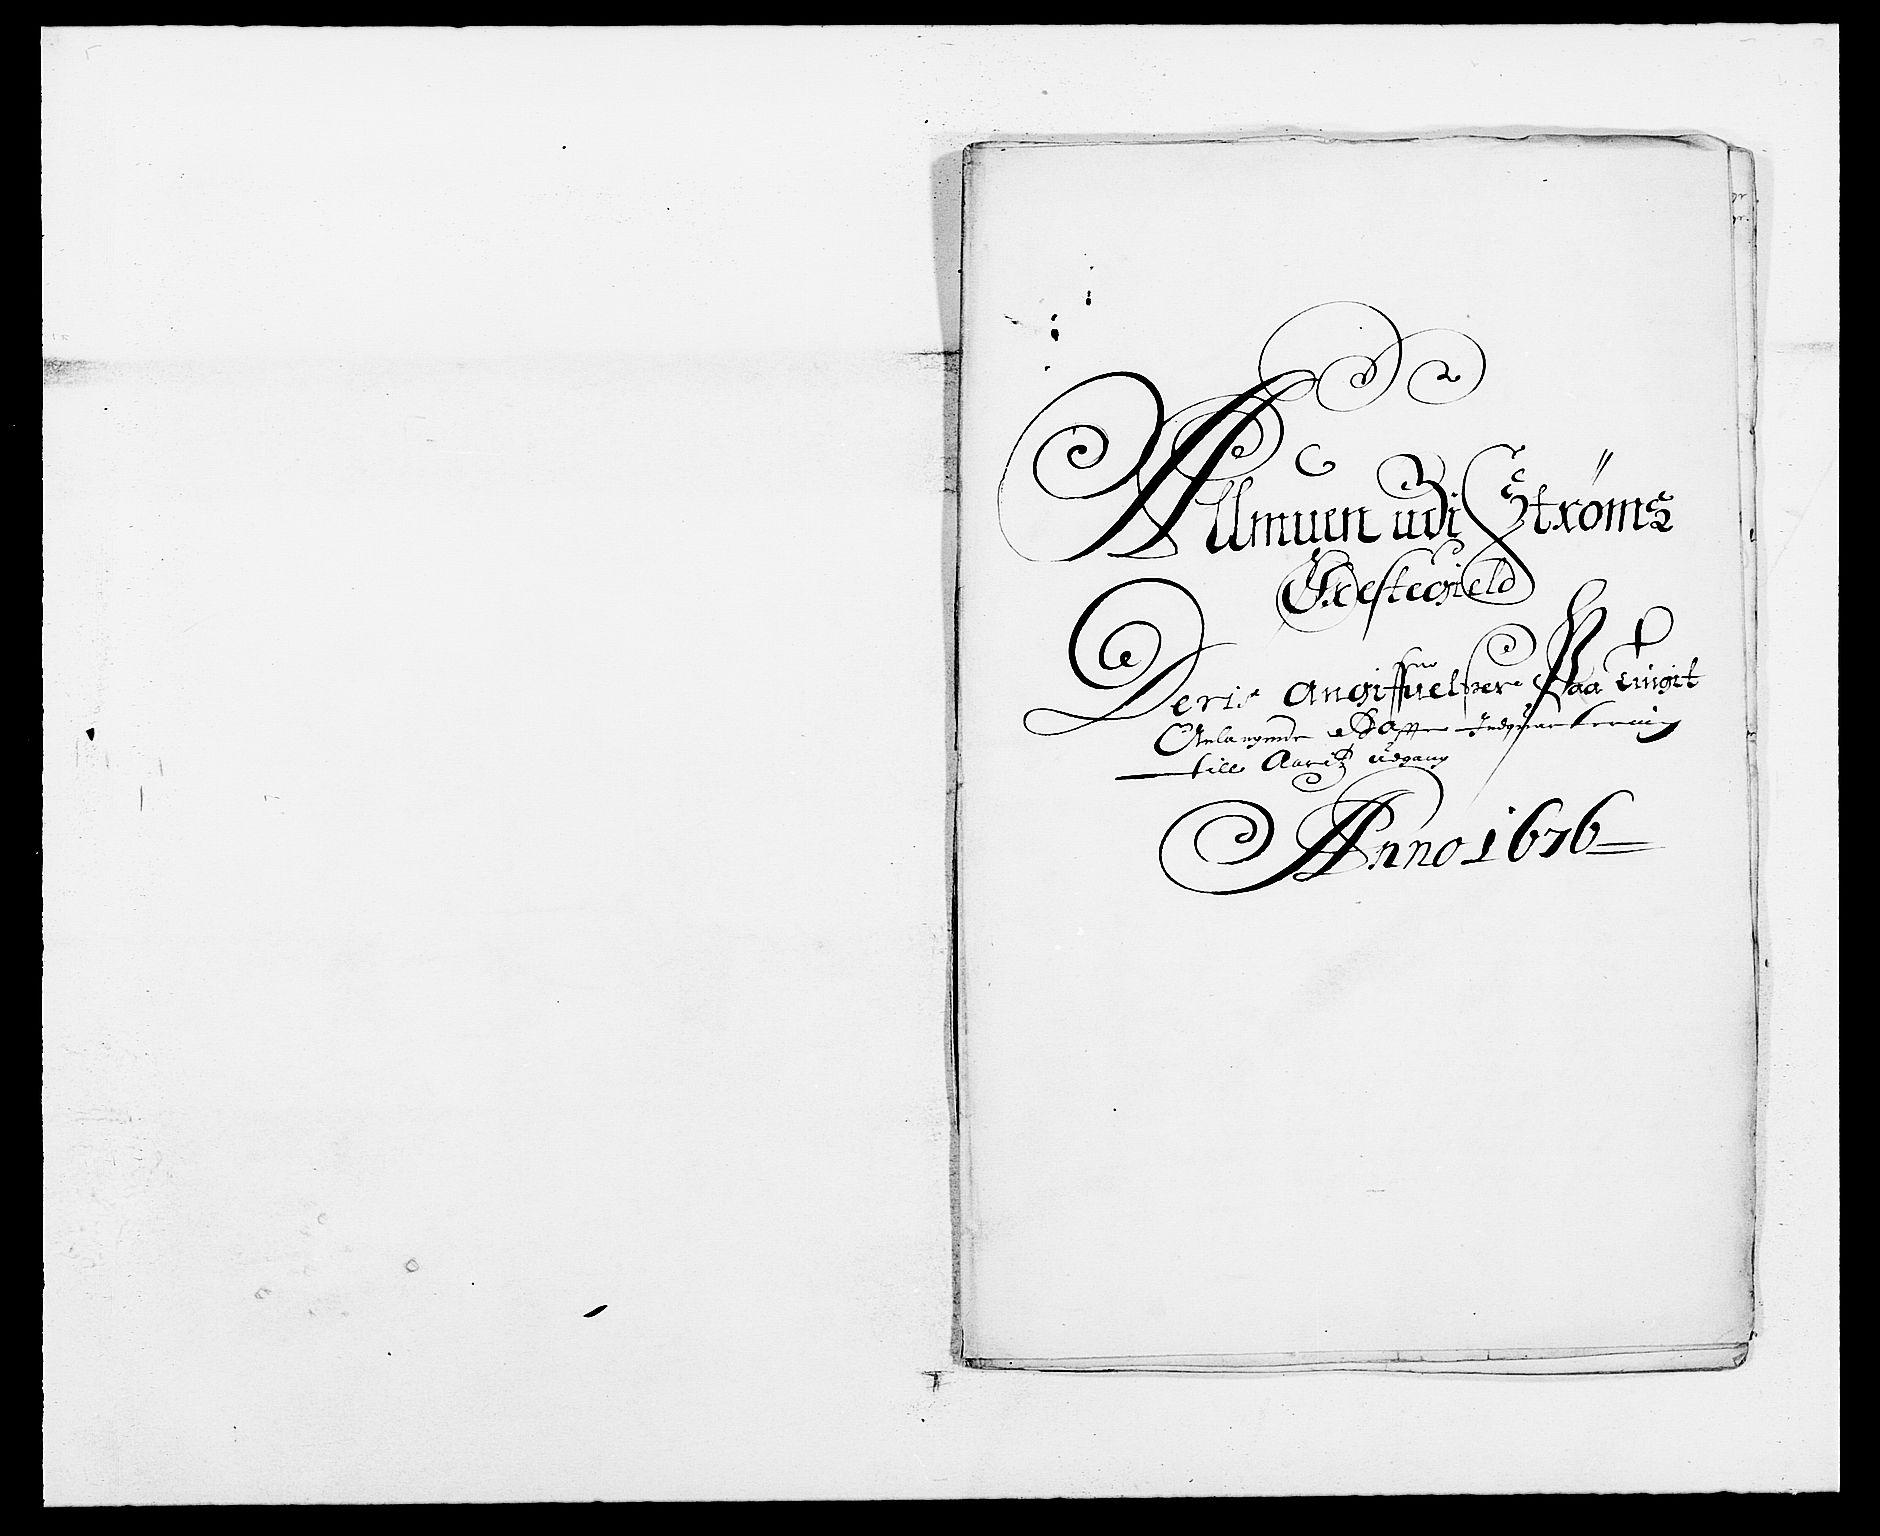 RA, Rentekammeret inntil 1814, Reviderte regnskaper, Fogderegnskap, R13/L0812: Fogderegnskap Solør, Odal og Østerdal, 1676, s. 115